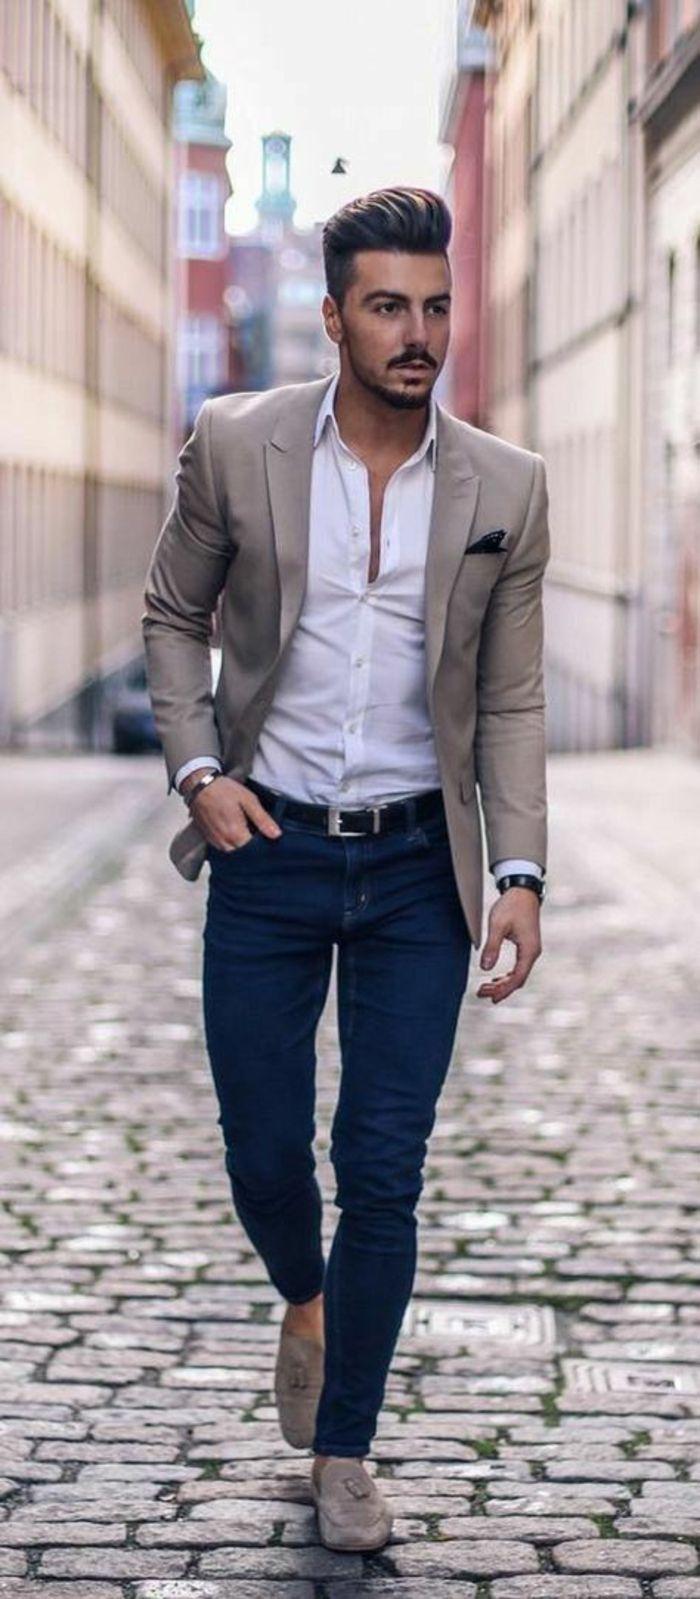 tenue classe homme, vêtement homme classe, jean en denim bleu, chemise  blanche, mocassins couleur sable beiges, veste beige 9a783fde091